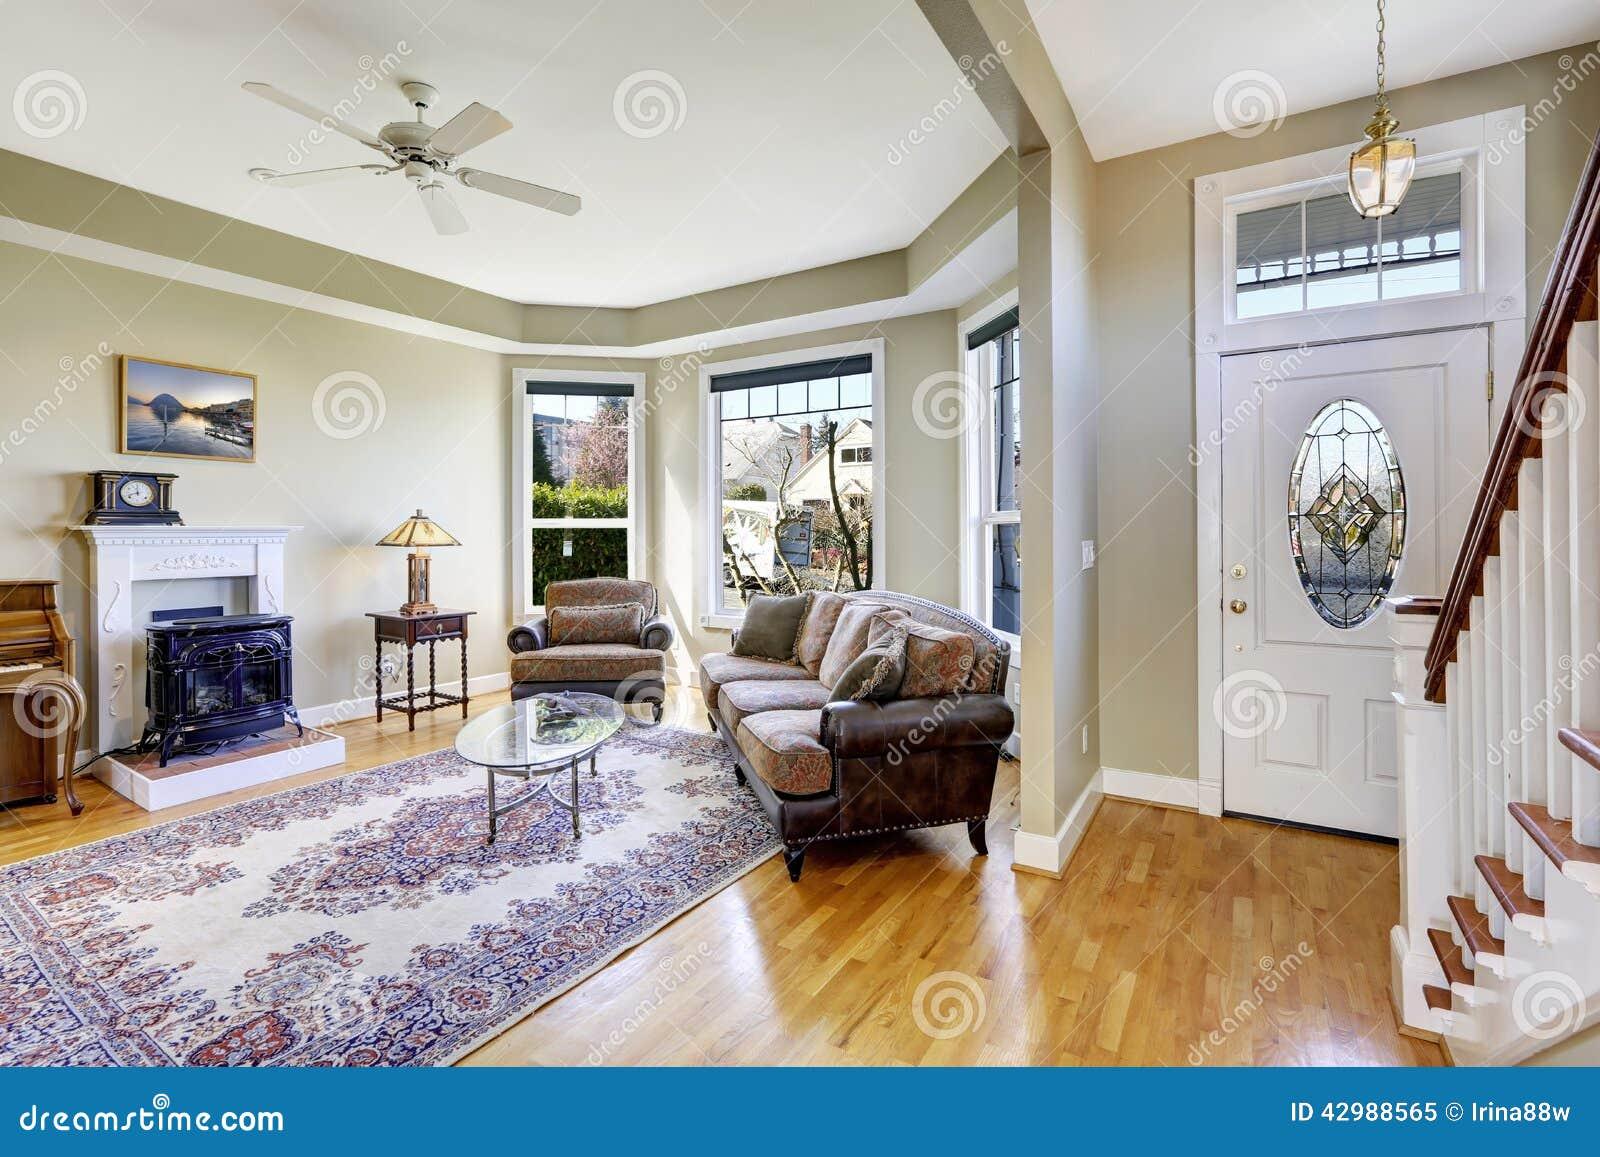 int rieur de chambre avec l 39 espace ouvert salon et entr e ha image stock image du meubles. Black Bedroom Furniture Sets. Home Design Ideas